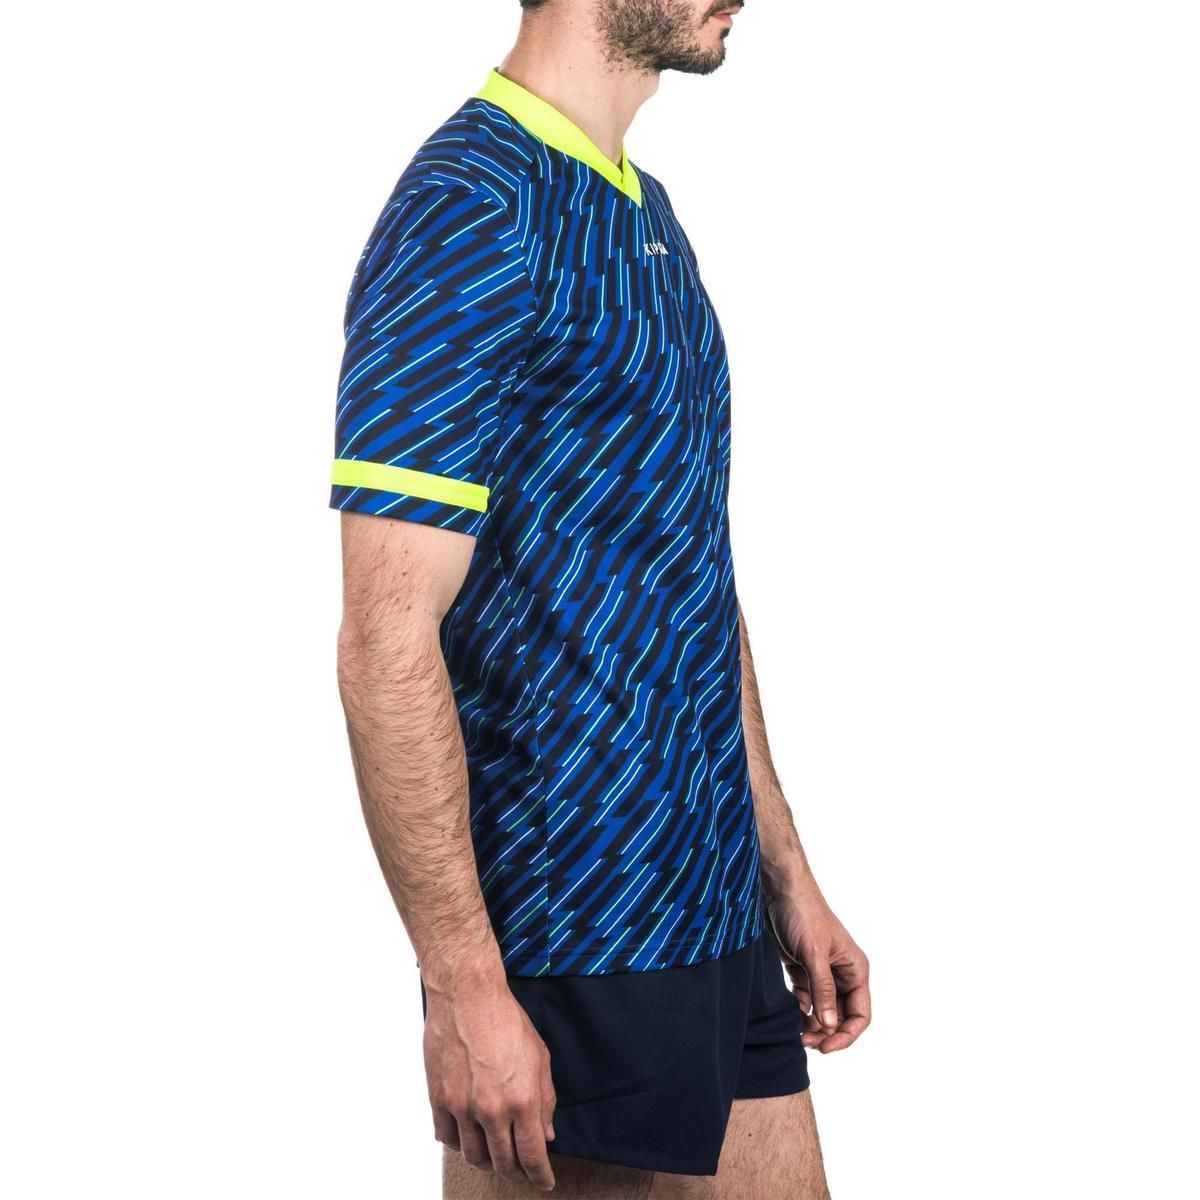 Bild 3 von Rugbytrikot R100 Erwachsene blau